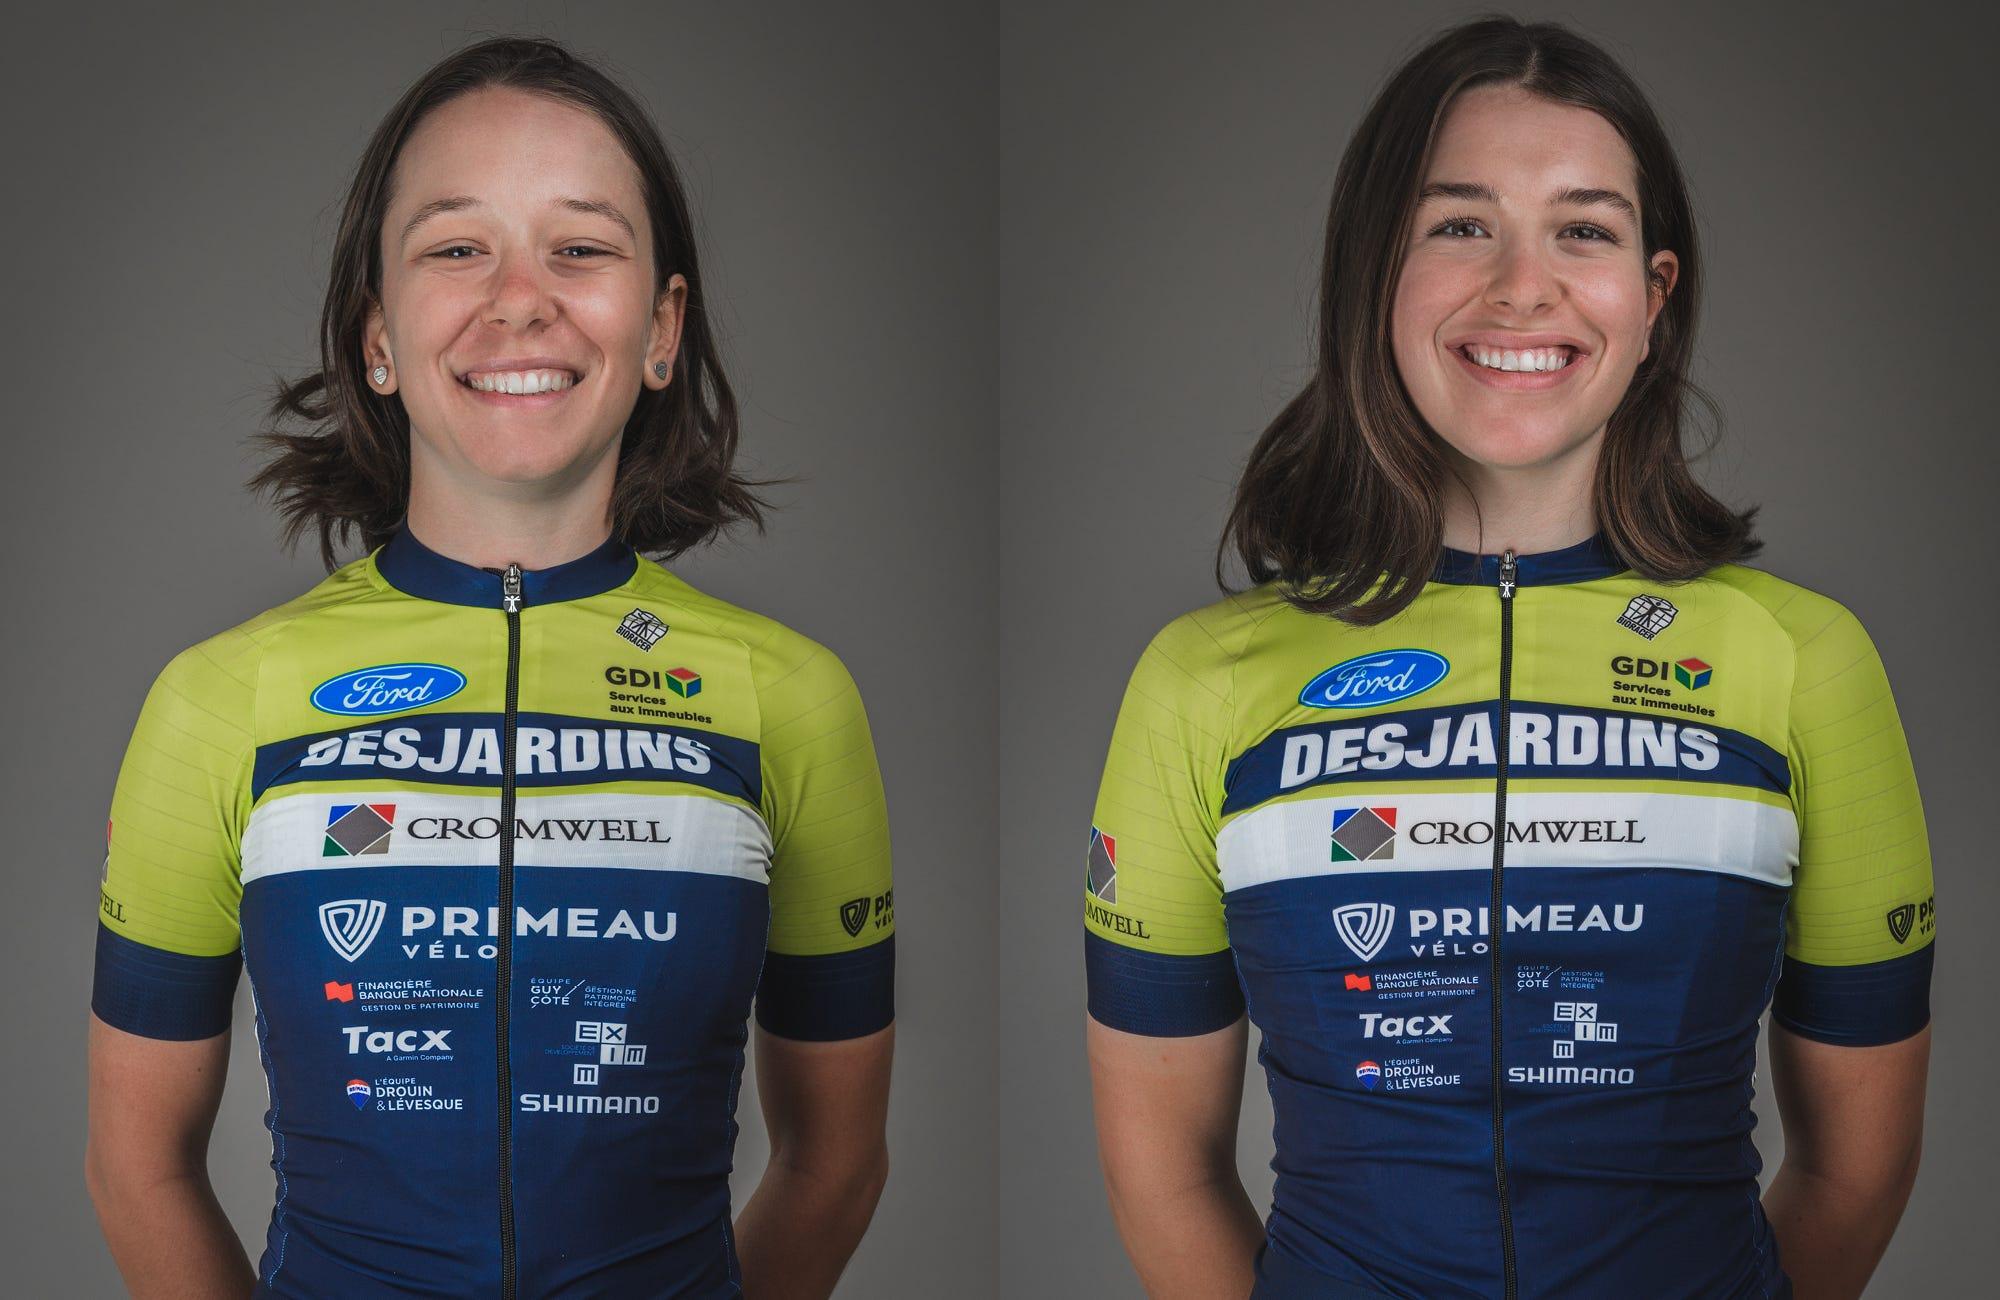 2019 - Camille Primeau aux Championnats du monde de cyclisme